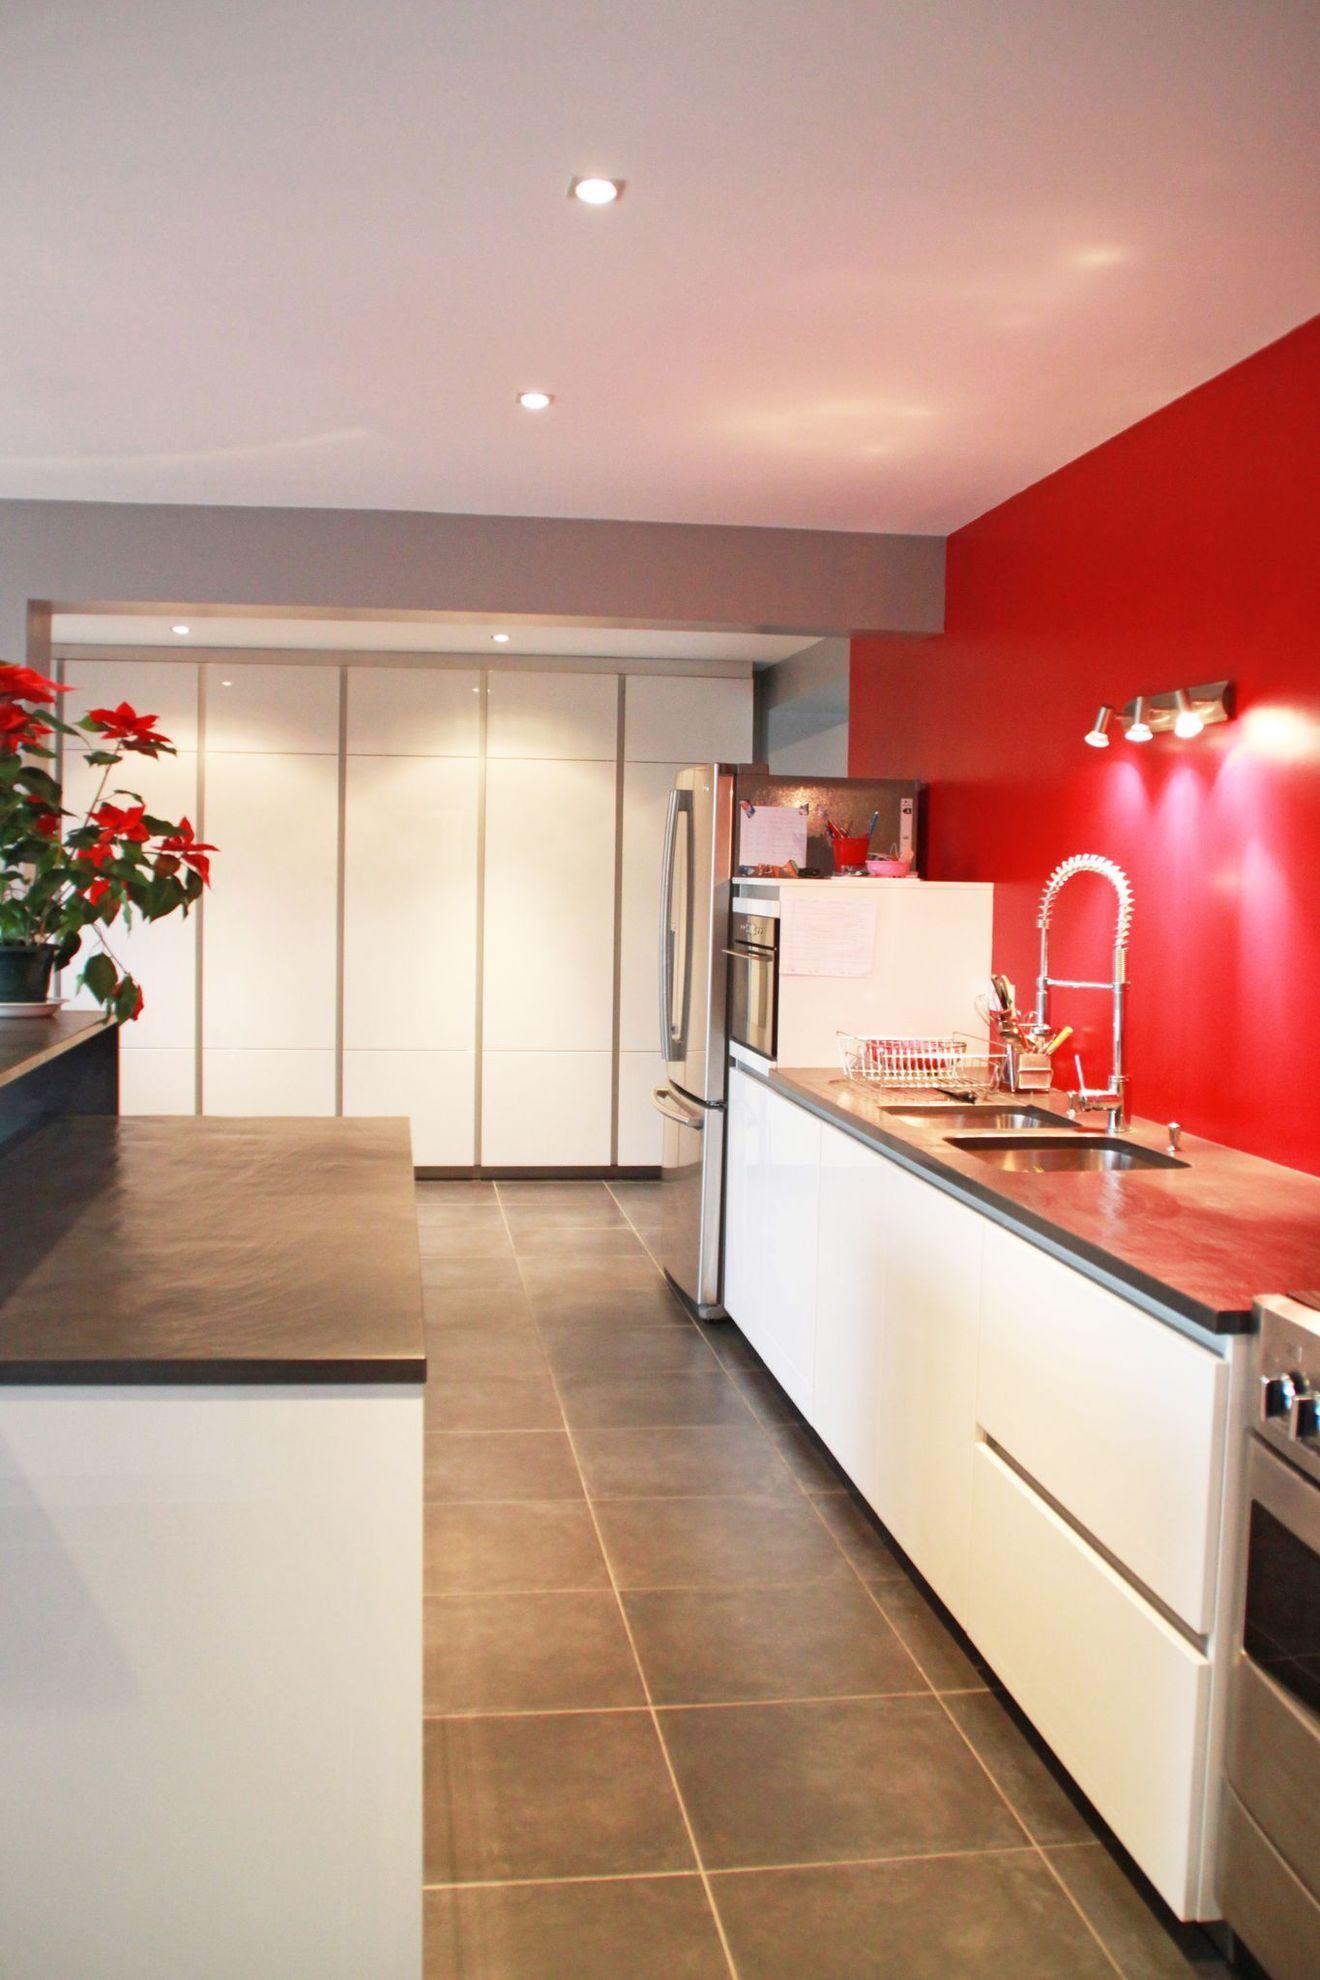 Cuisine Aménagée En Longueur cuisine aménagée en longueur | cuisine aménagée, cuisine mur